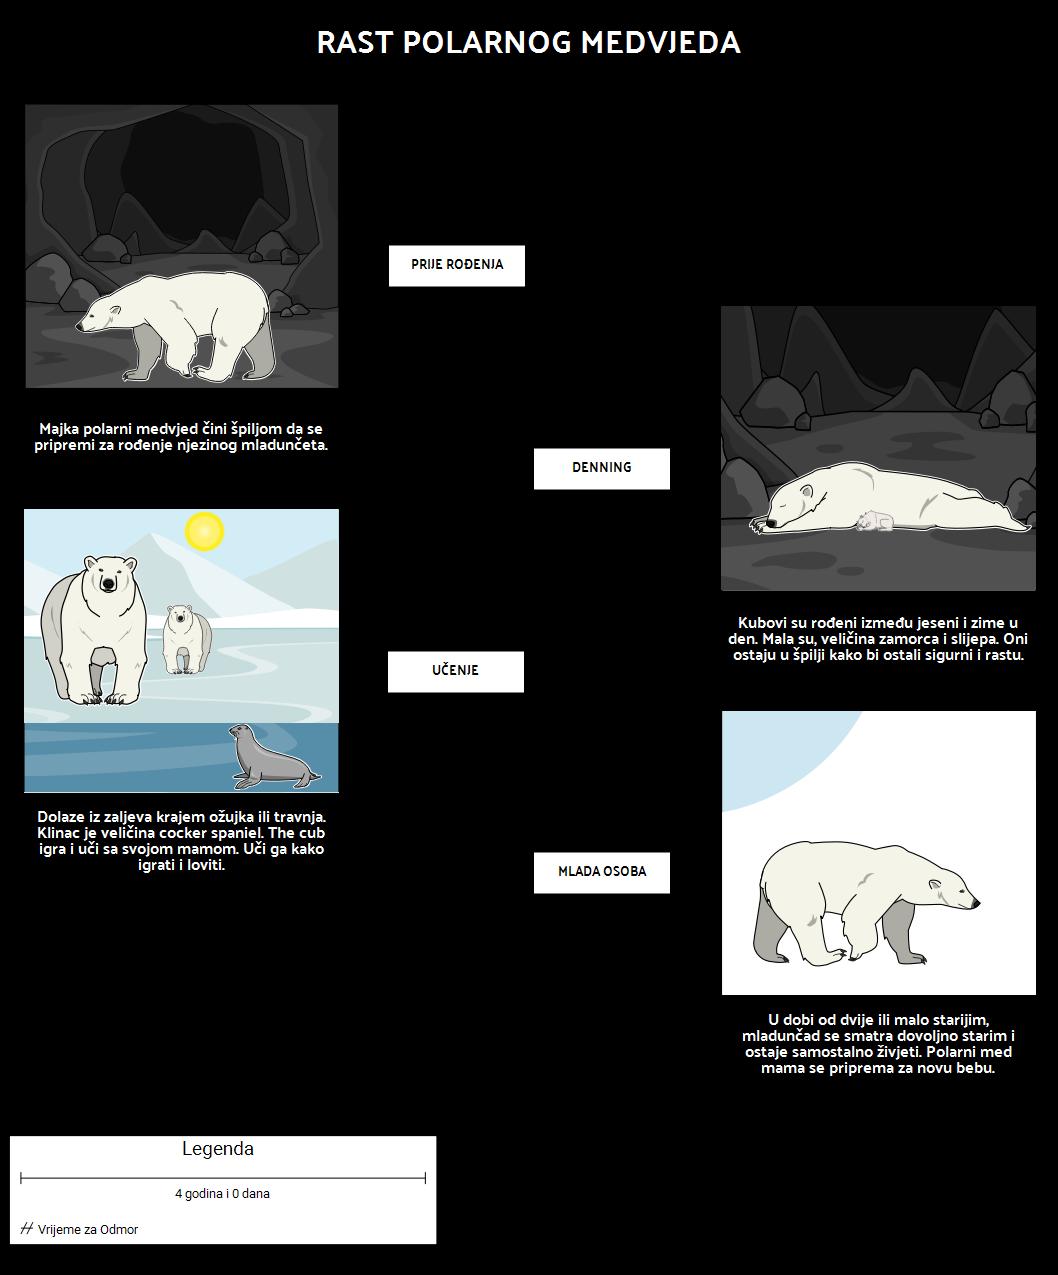 Gdje Žive Polarni Medvjedi? Rast Polarnog Medvjeda